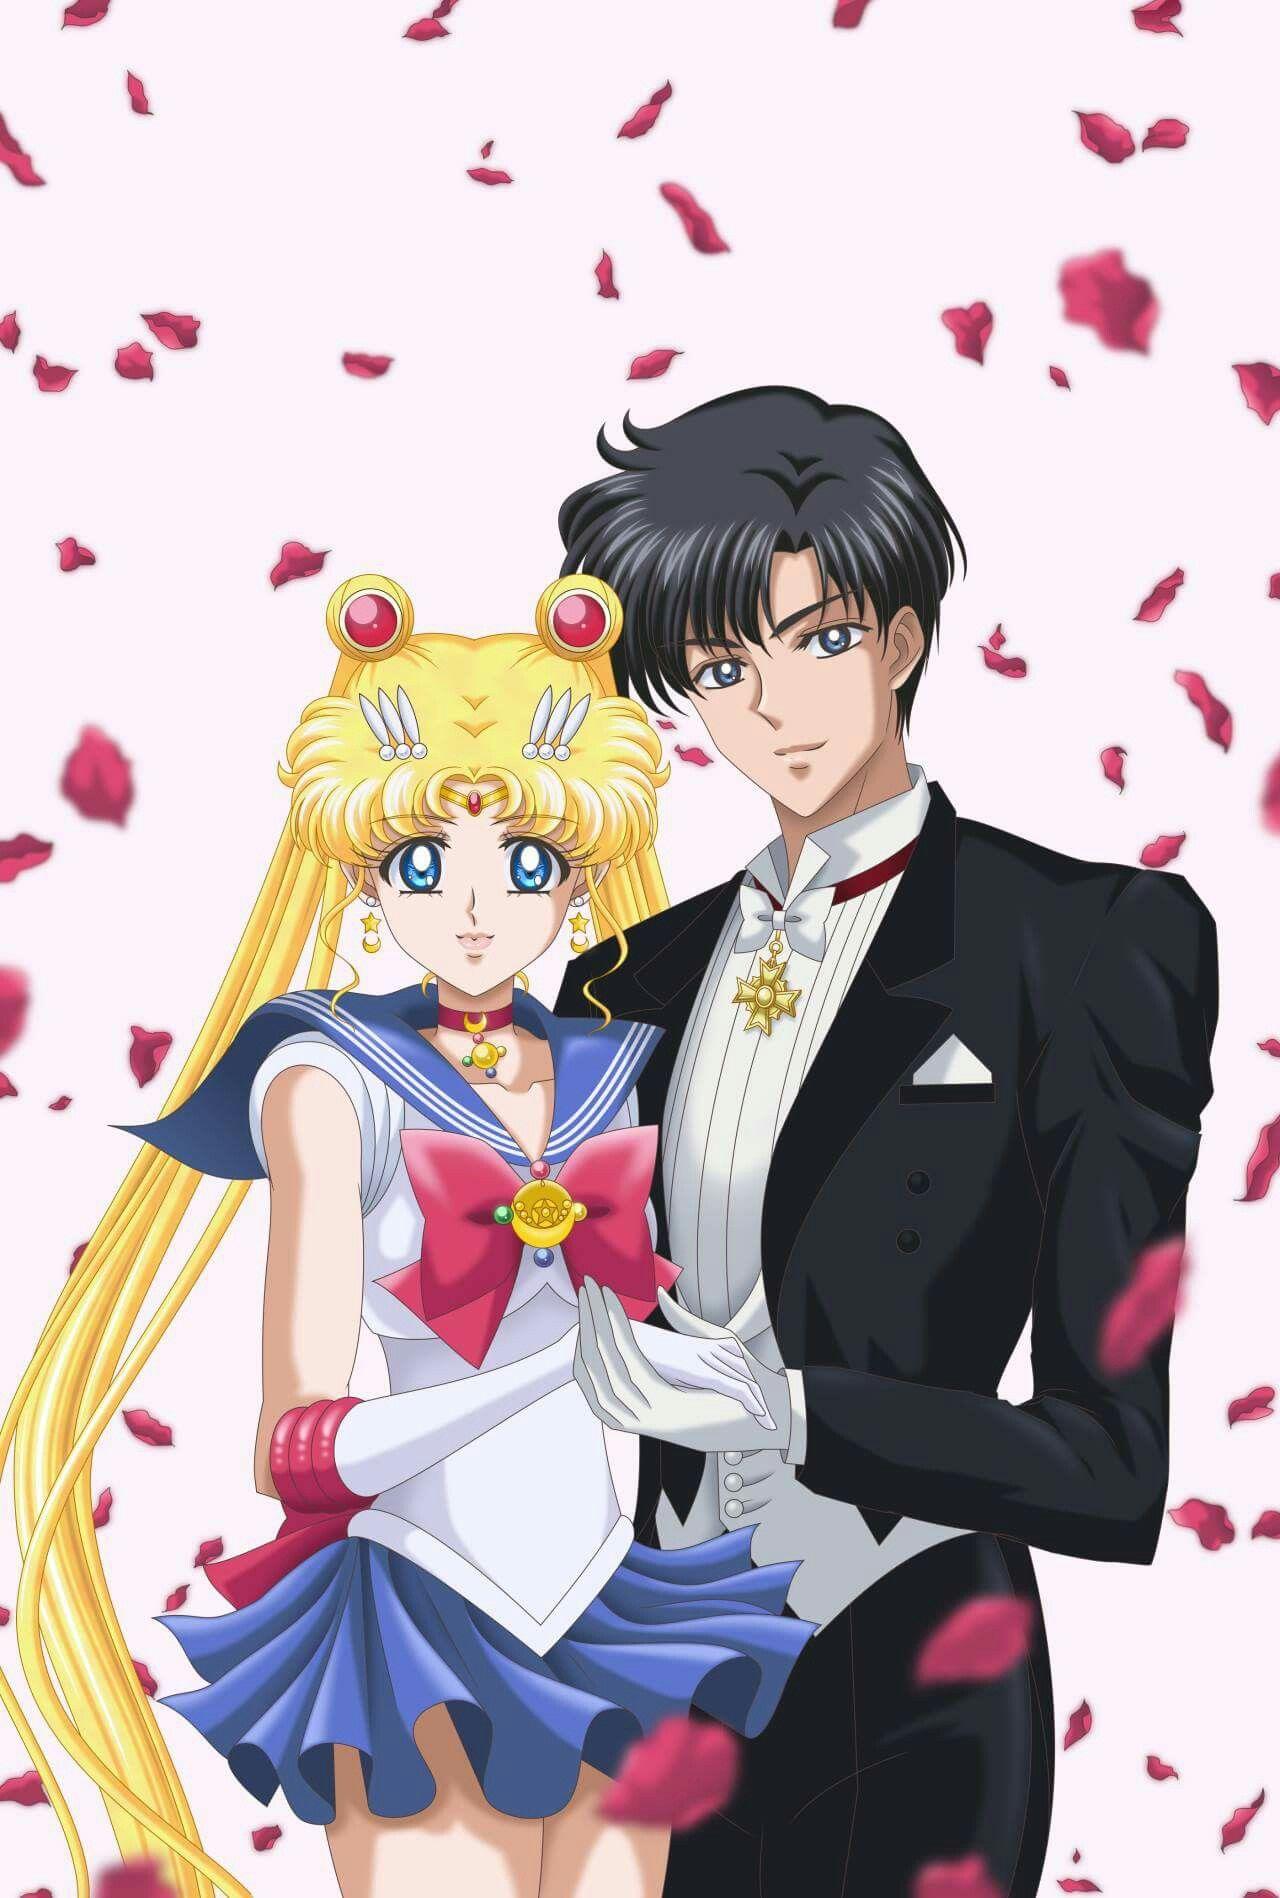 Falling Rose Petals Wallpaper Que Pareja Mas Romantica Sailor Sailor Moon Sailor